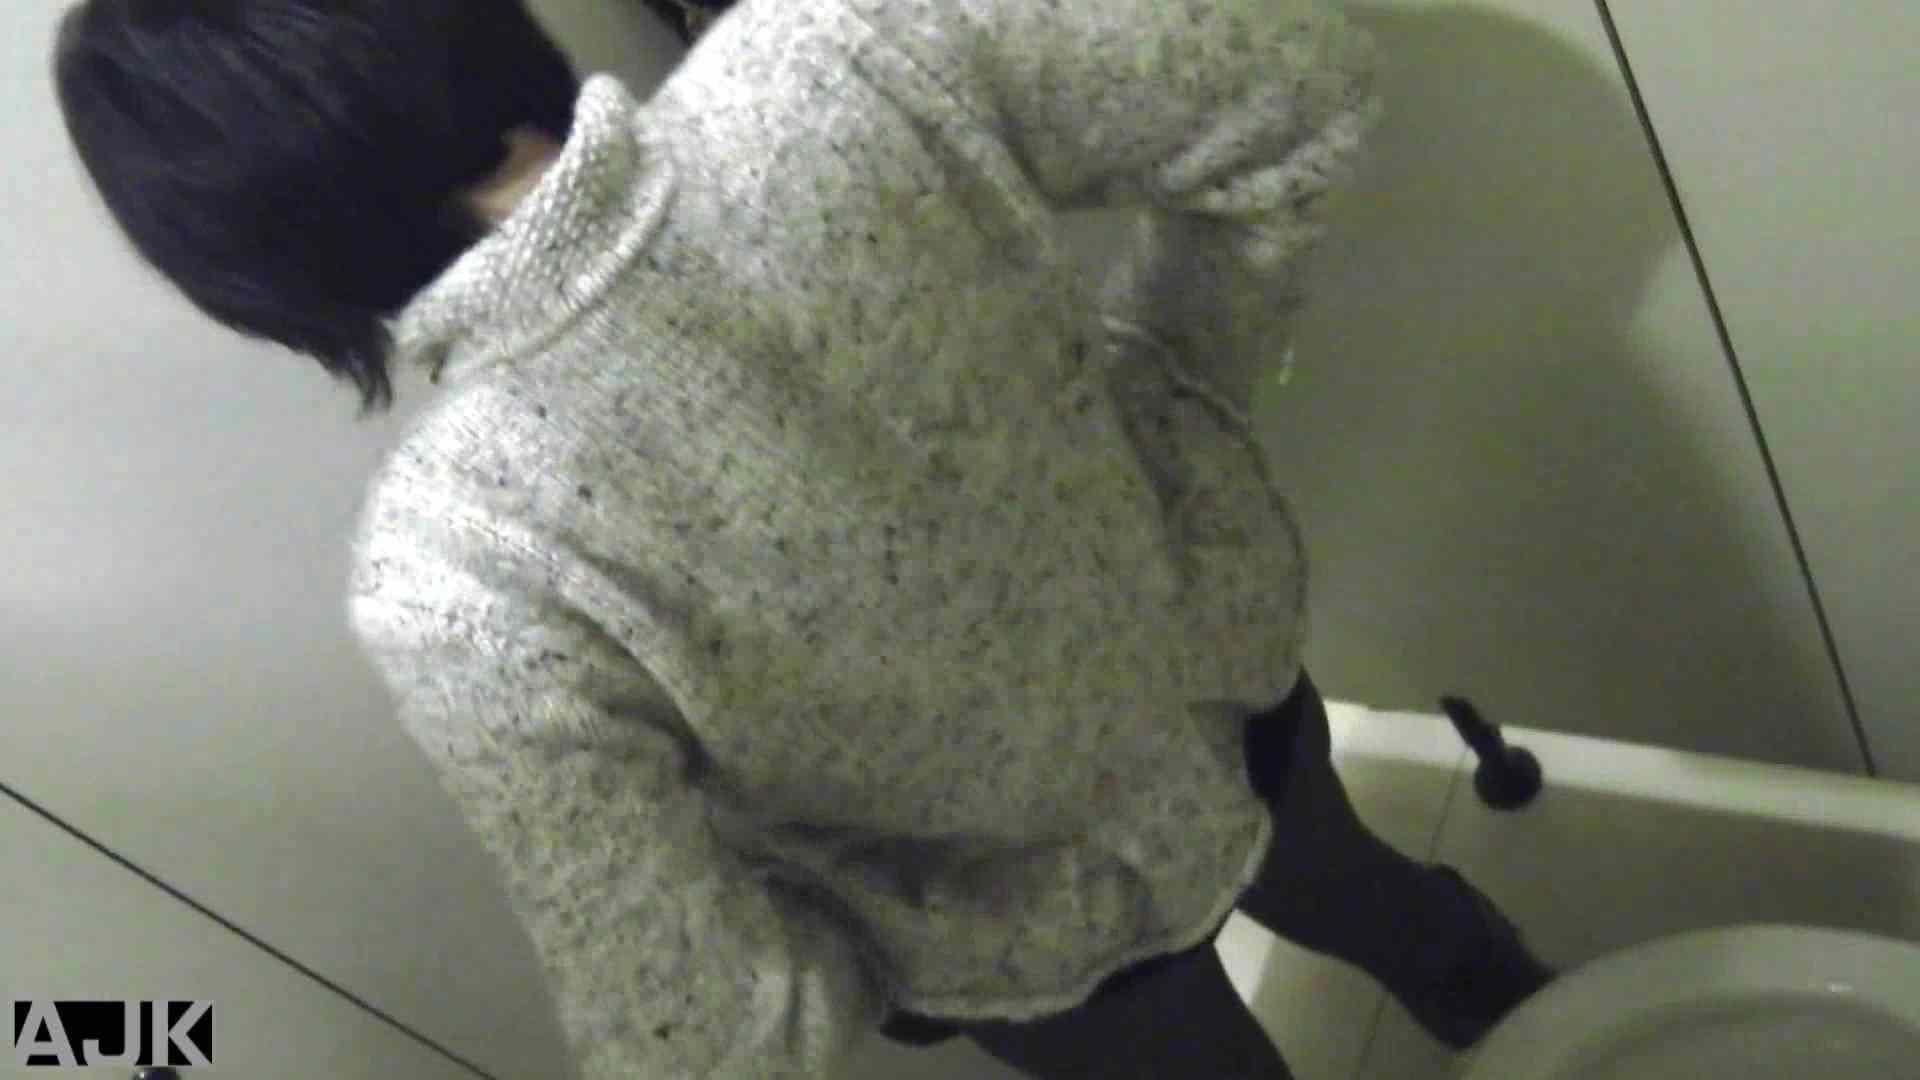 隣国上階級エリアの令嬢たちが集うデパートお手洗い Vol.19 盗撮・必見 アダルト動画キャプチャ 36画像 3